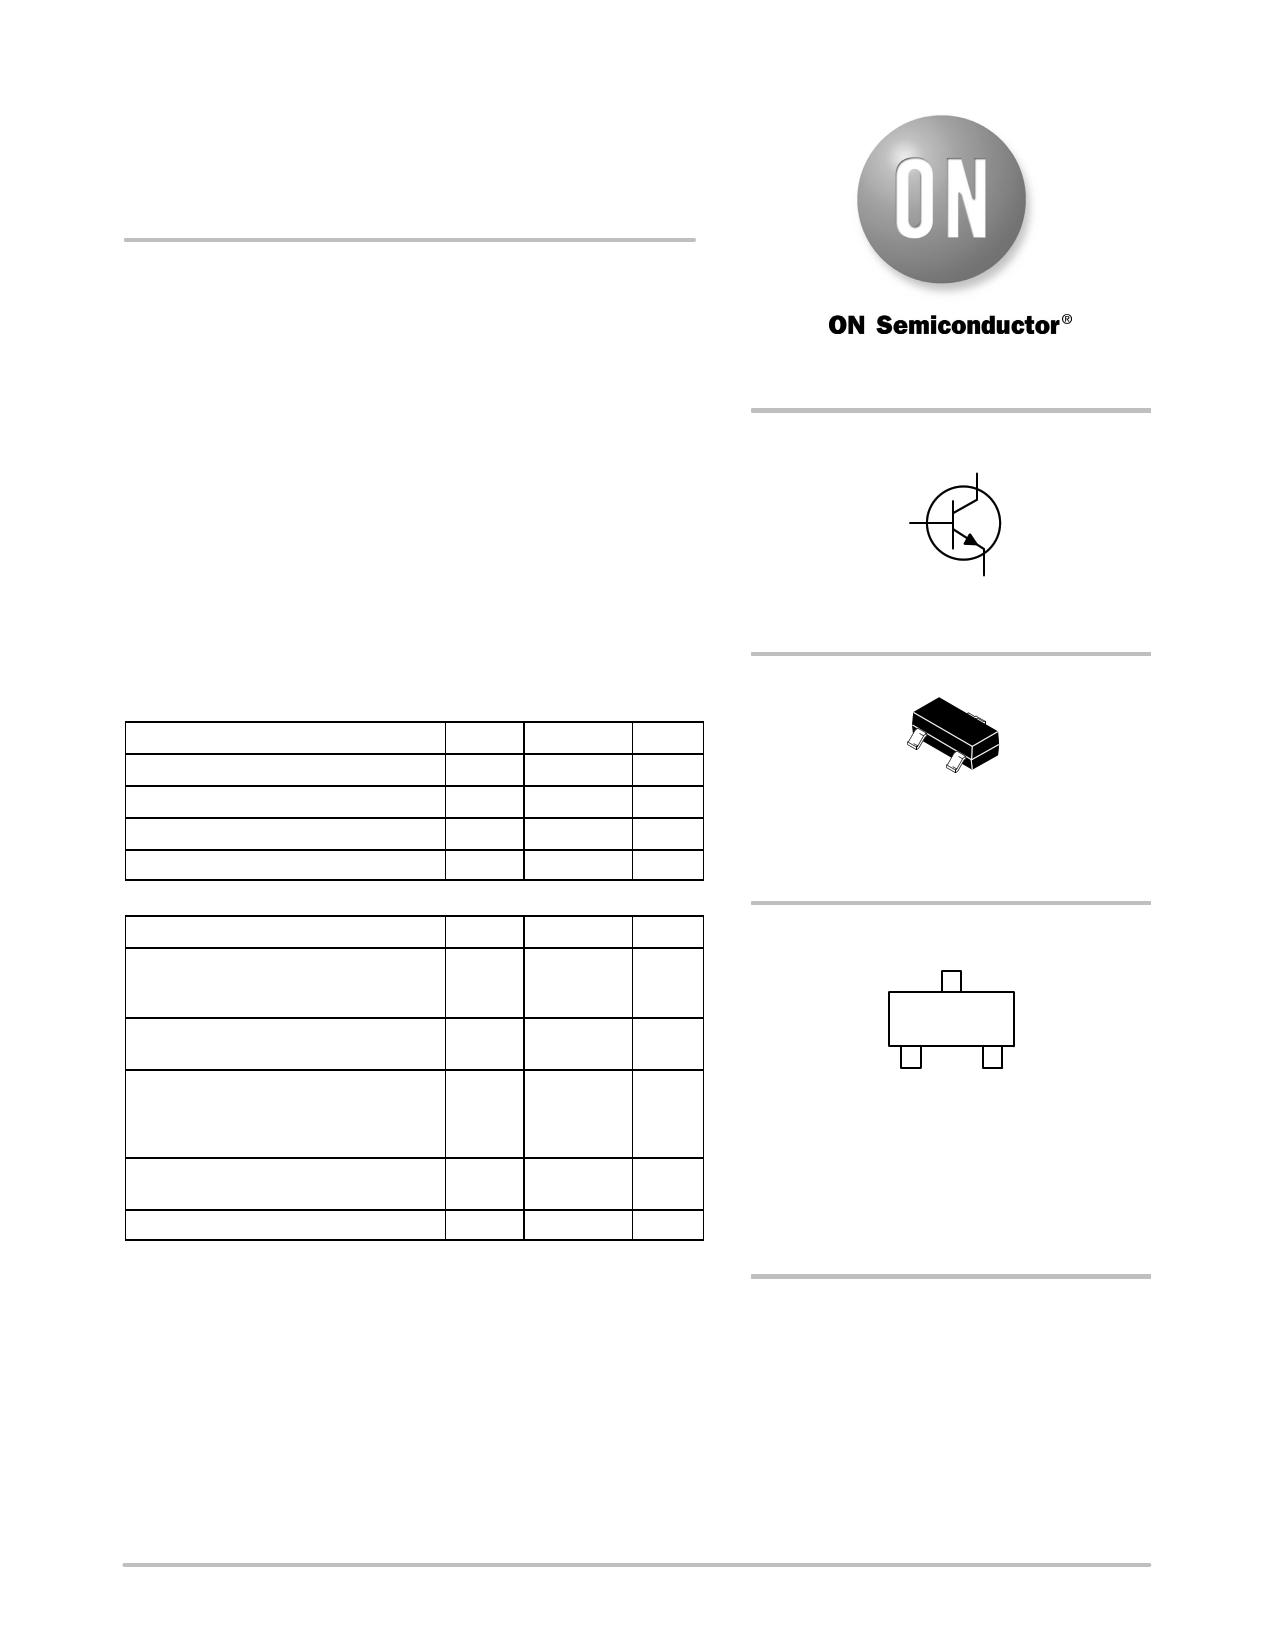 SBC817-16L 데이터시트 및 SBC817-16L PDF